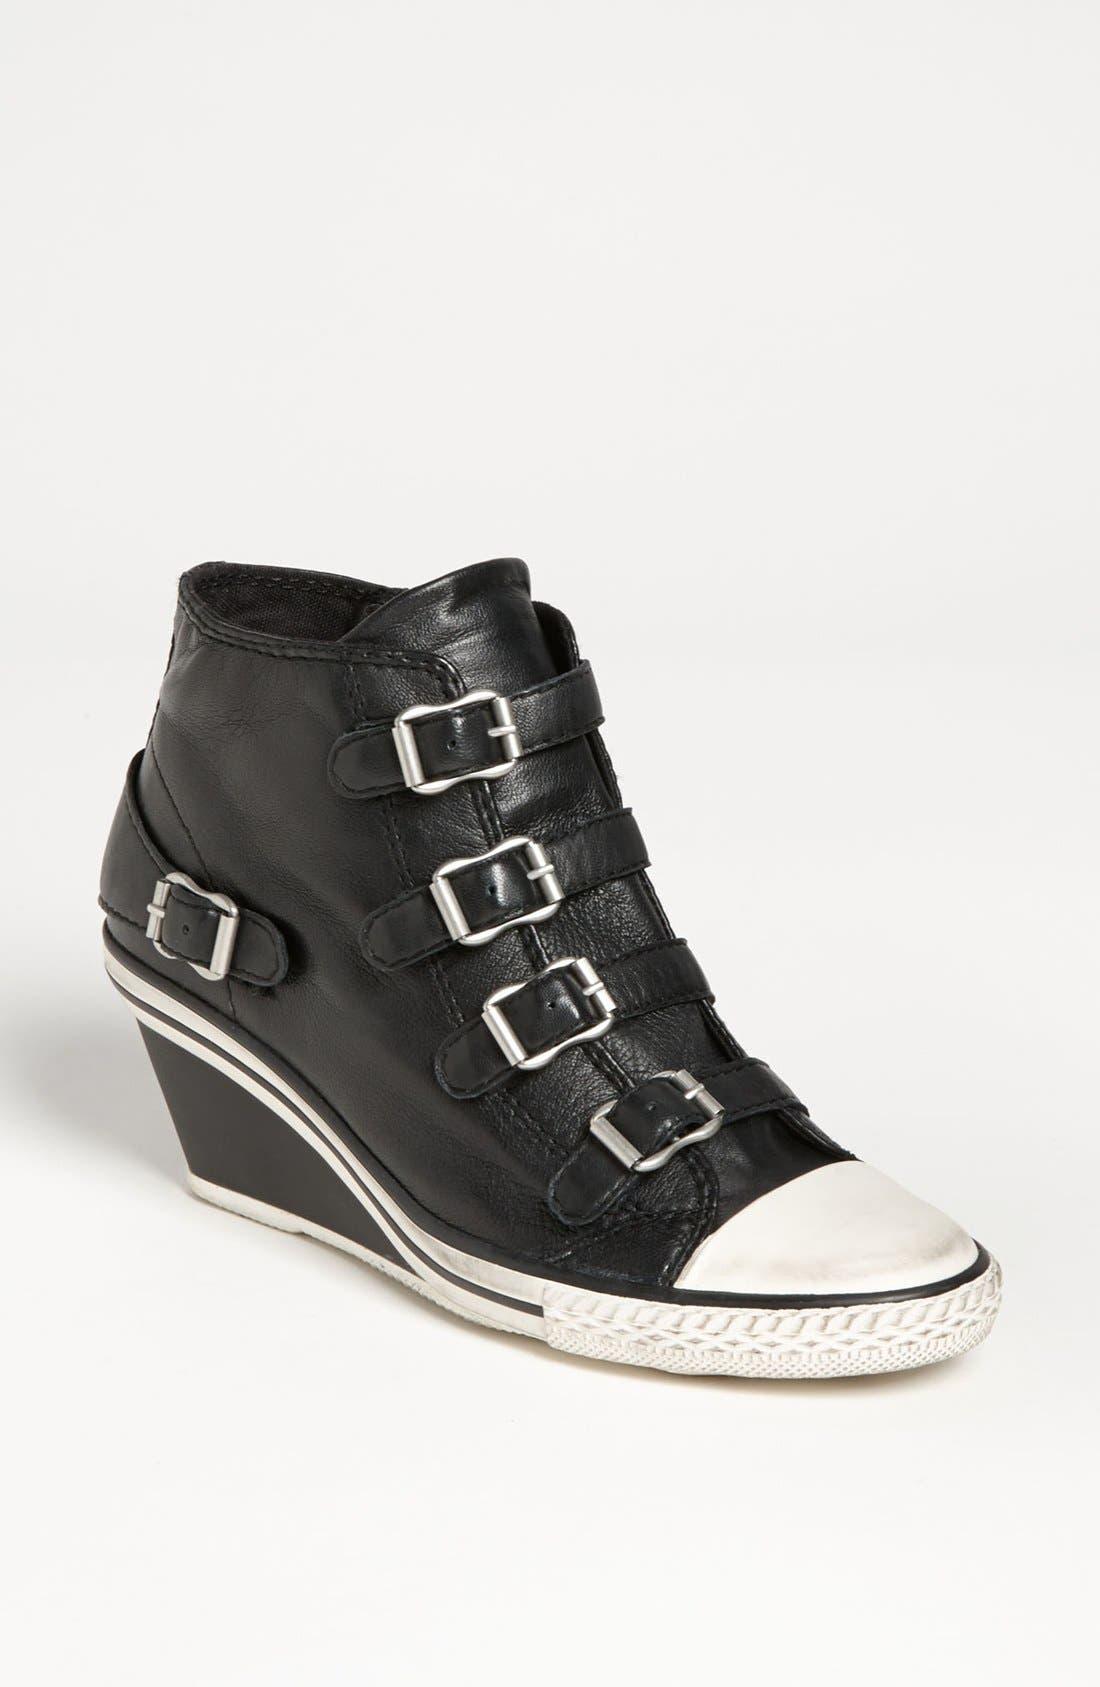 Alternate Image 1 Selected - Ash 'Genial' Sneaker